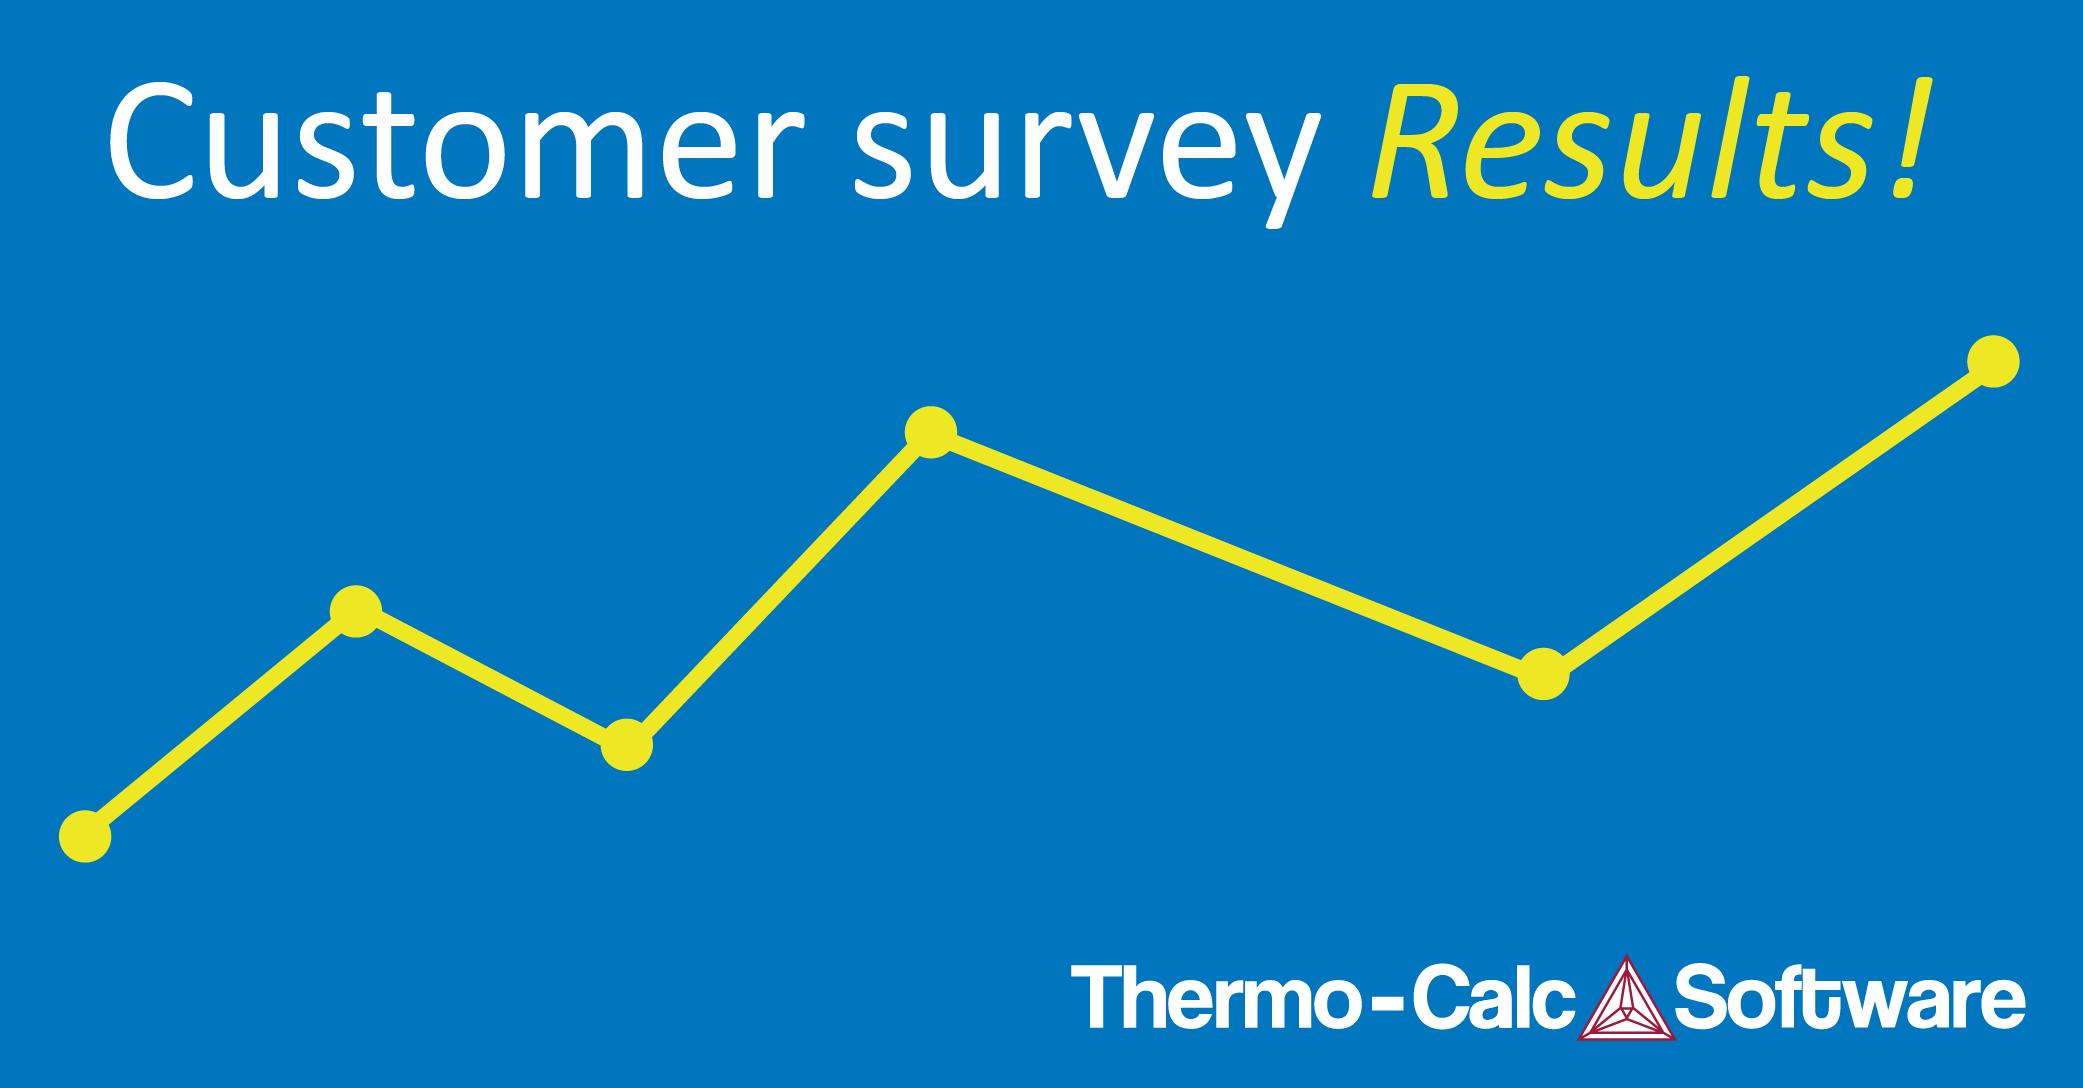 Customer survey results